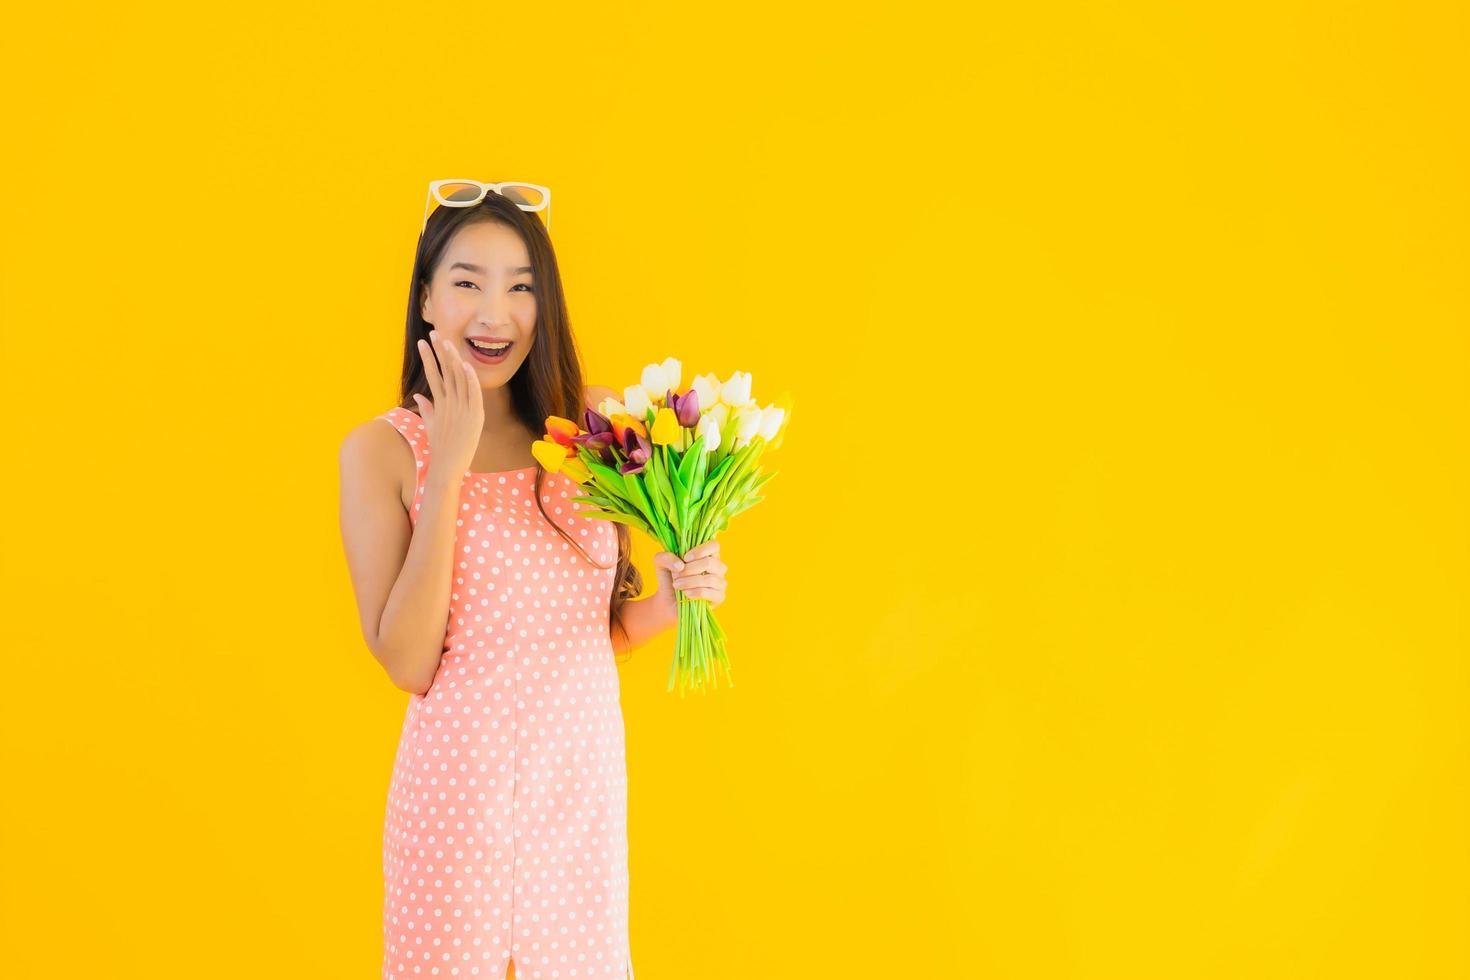 donna che tiene il mazzo di fiori foto